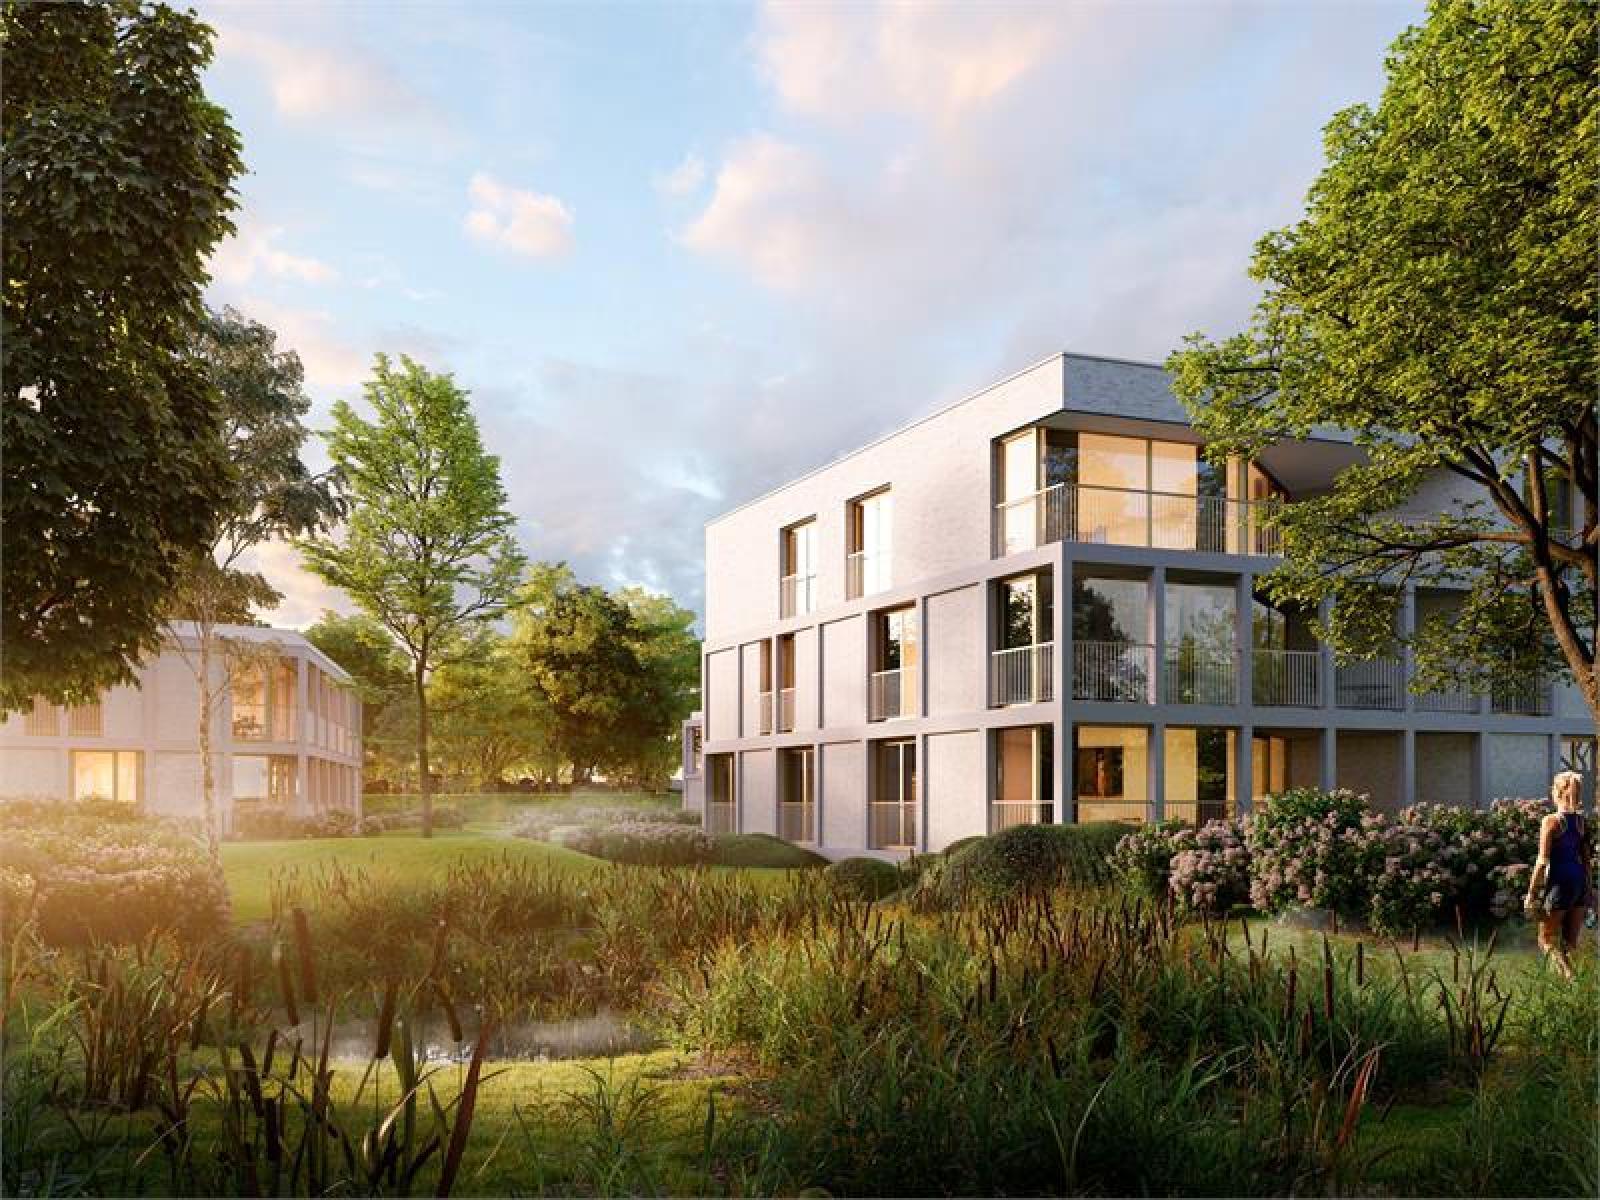 Nieuwbouw BEN-appartement op de eerste verdieping in prachtig binnengebied! afbeelding 3